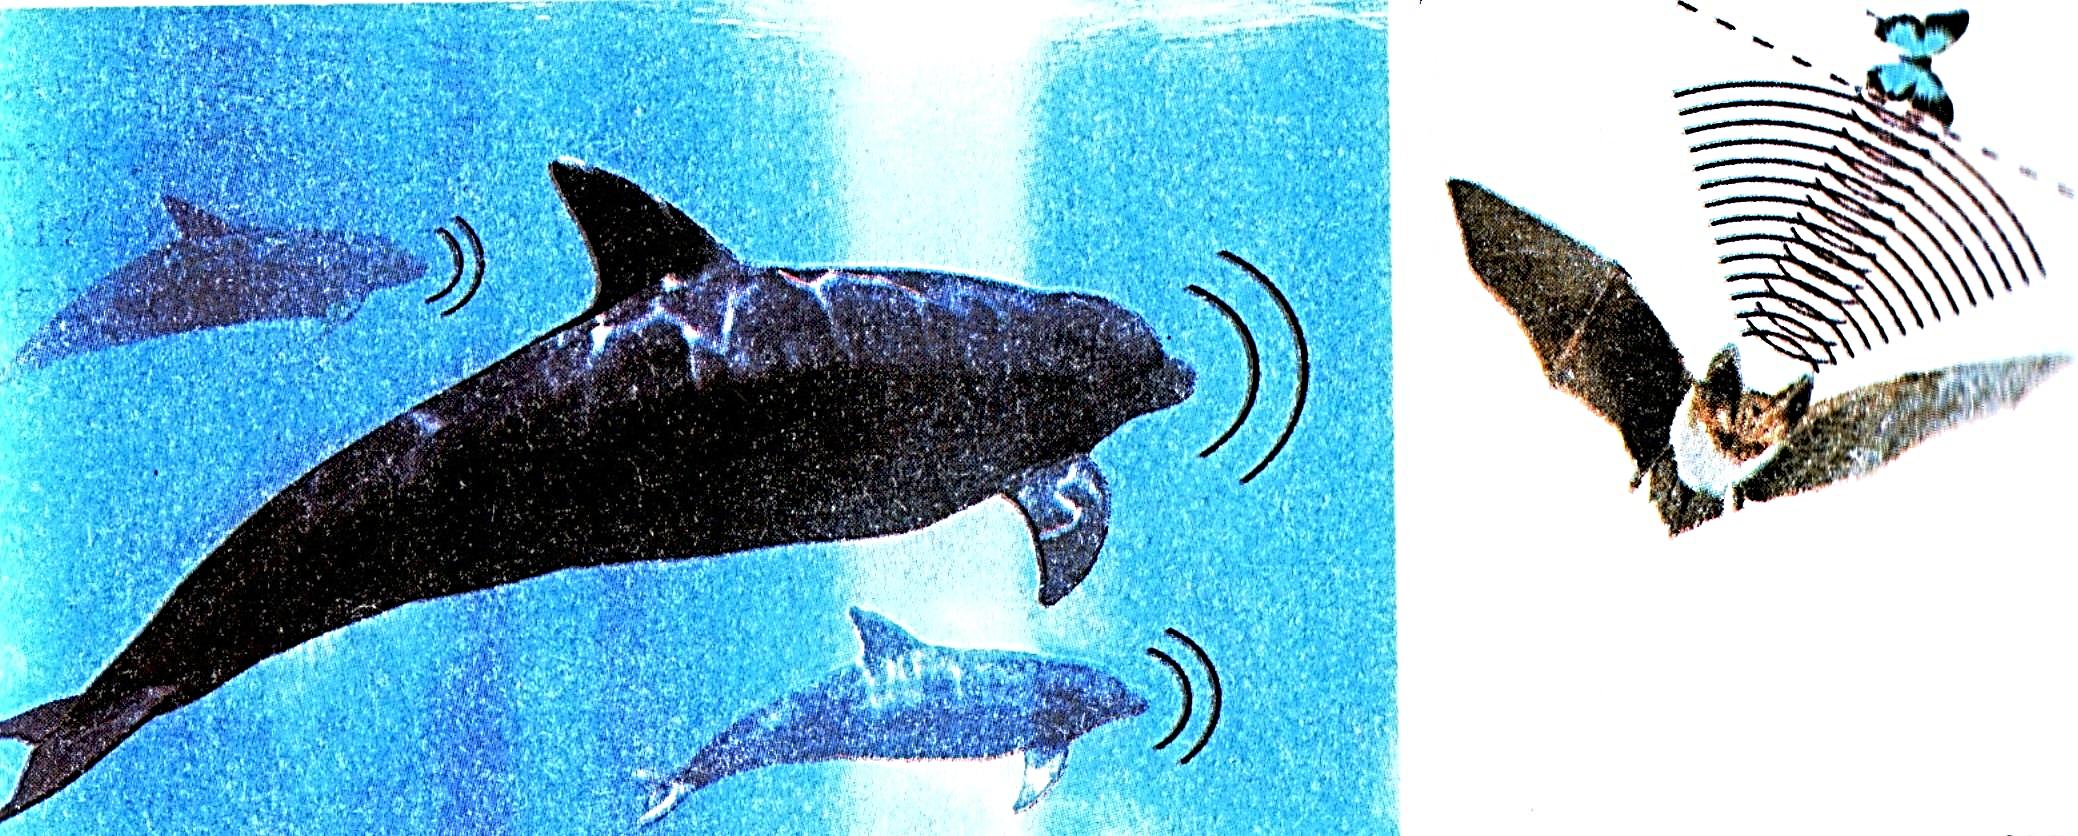 E:\школа\5 клас\природознавство\картинки\світ явищ, в якому живе людина\використання ультразвуку живими істотами.jpg